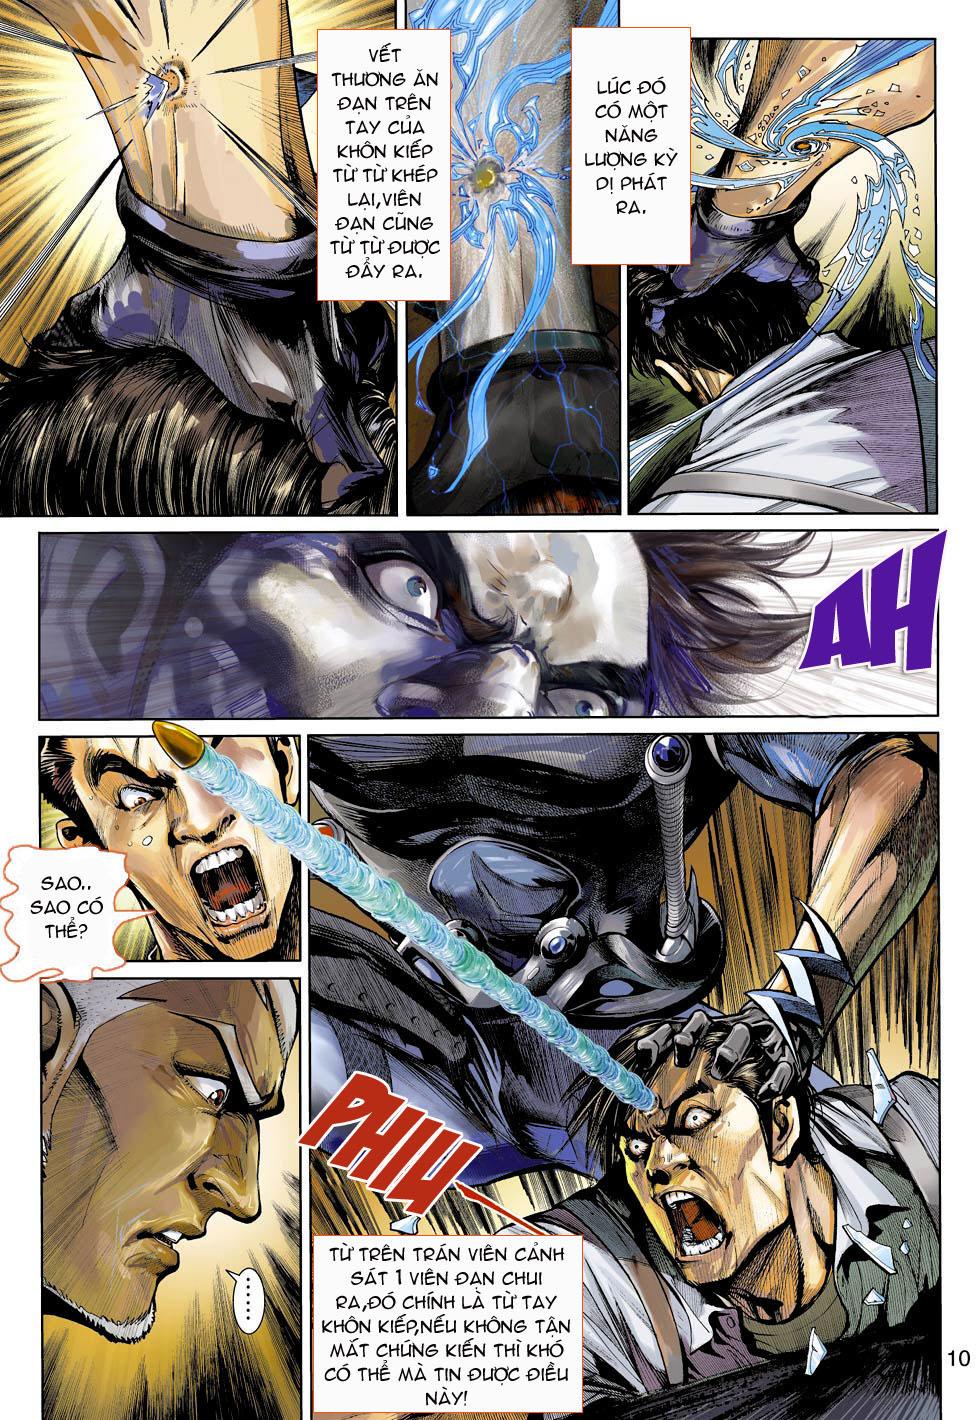 Thần Binh 4 chap 3 - Trang 10